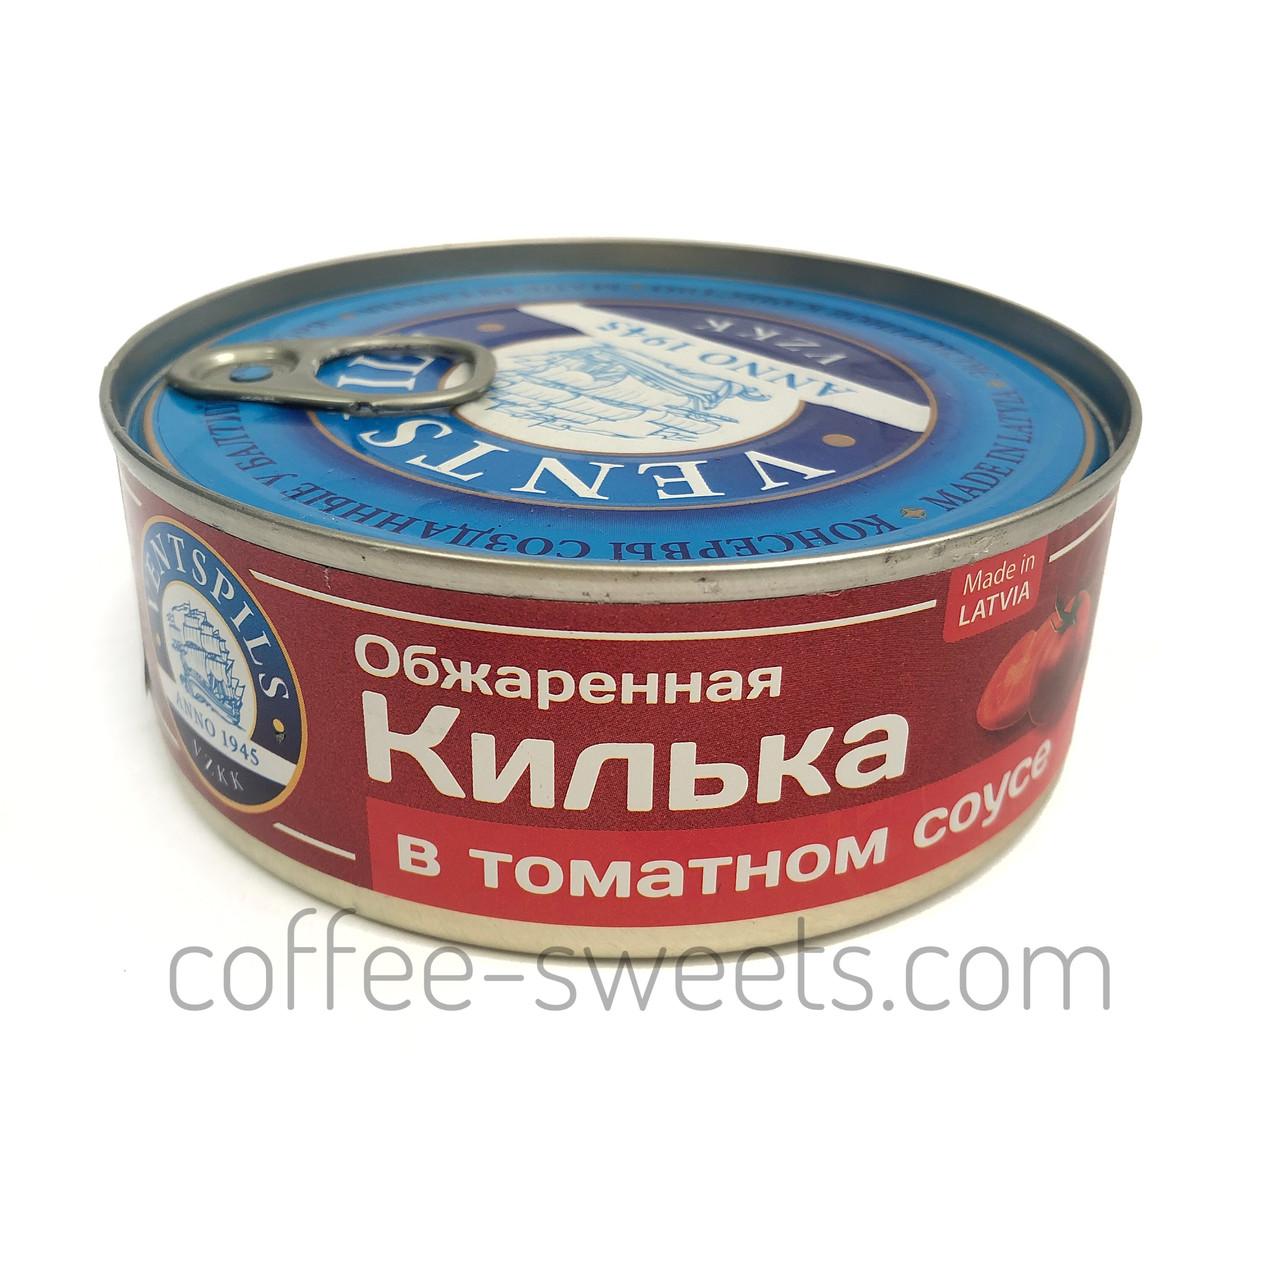 Килька обжареная в томатном соусе Ventspils 240 гр